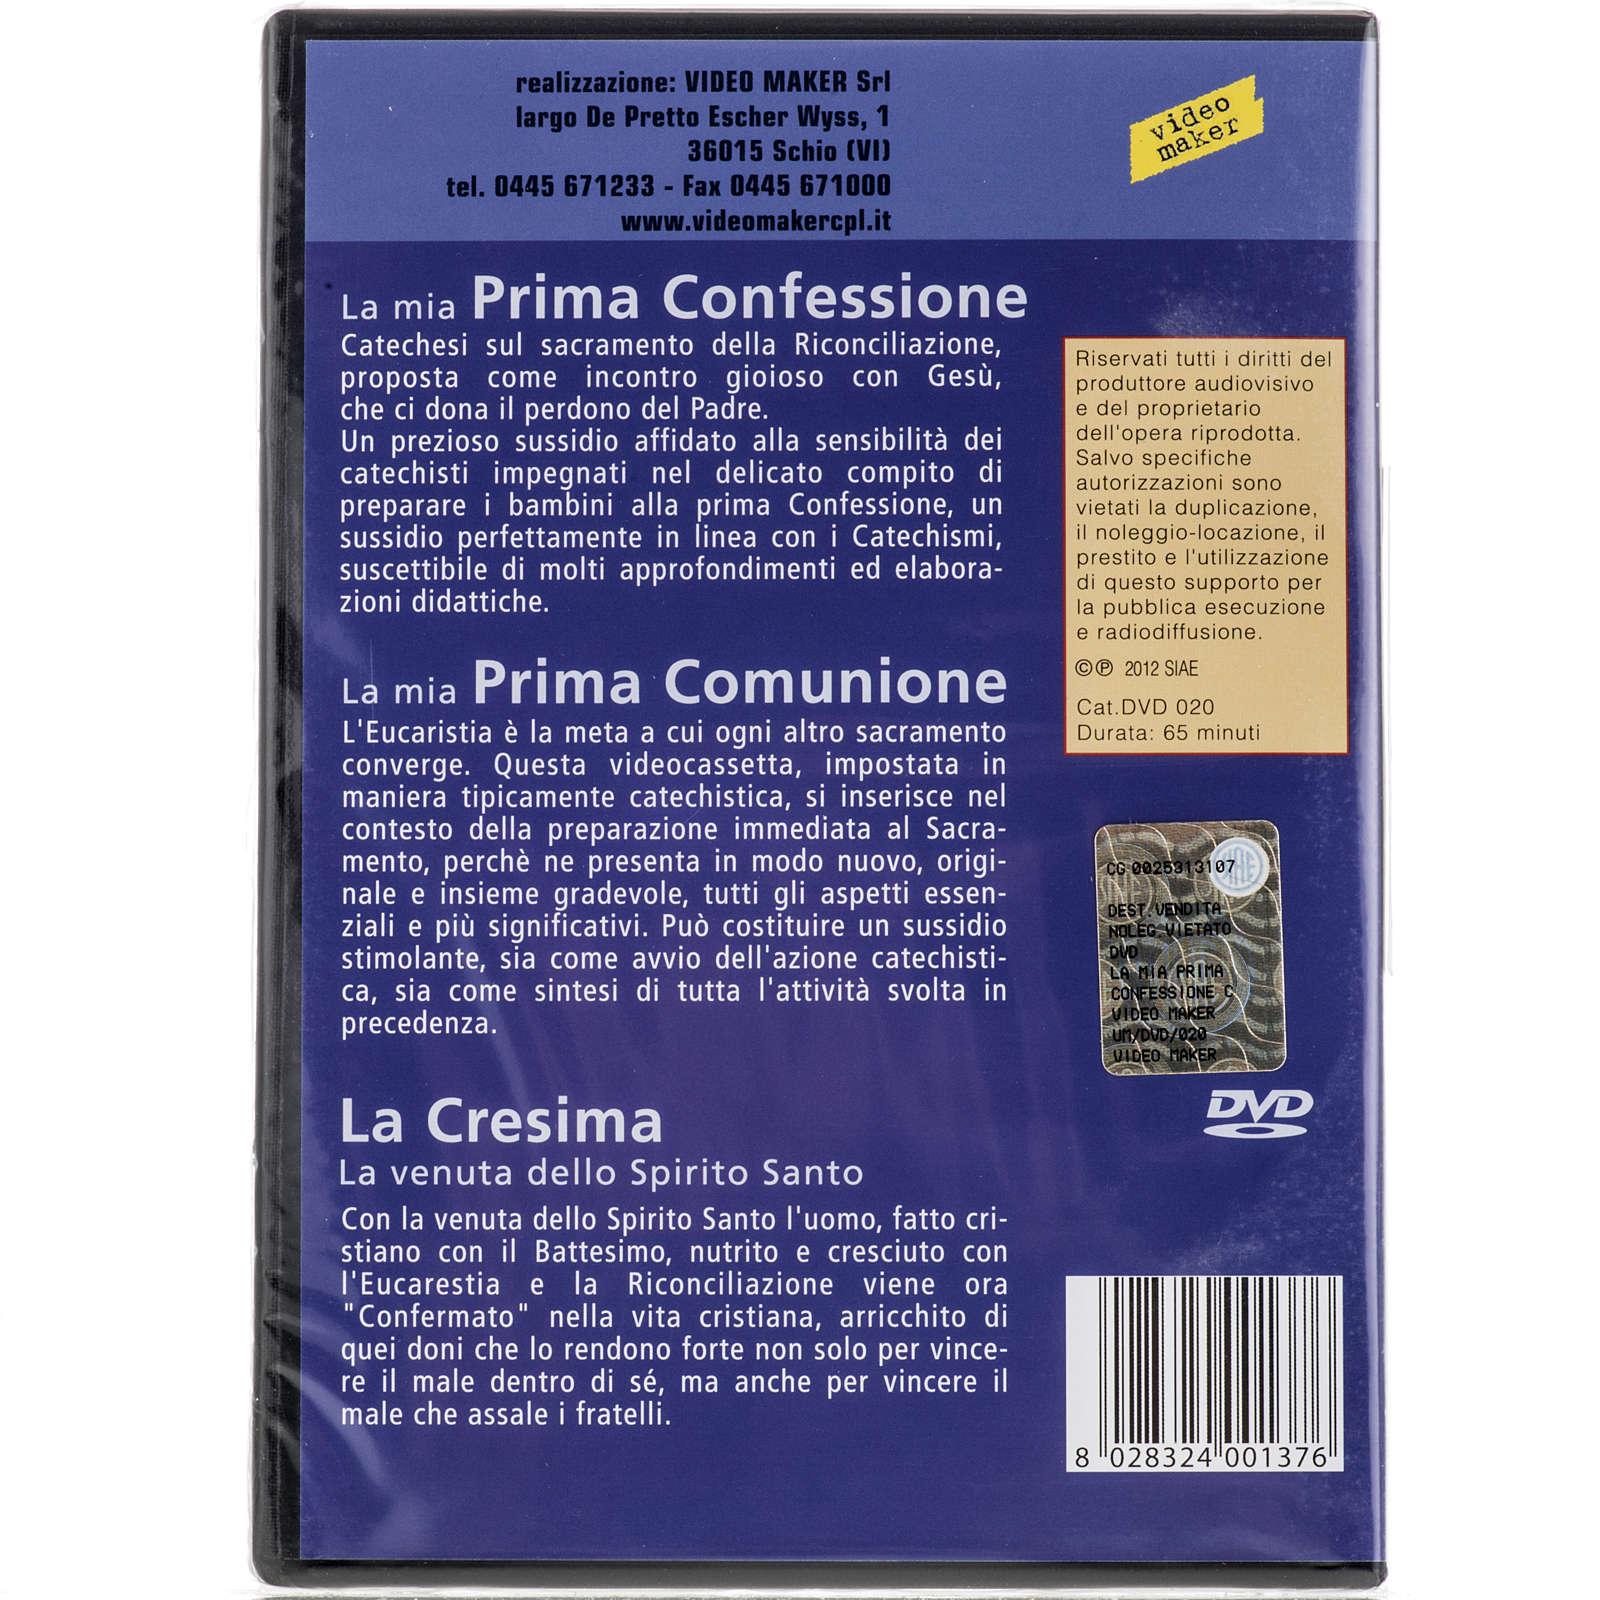 La mia Prima Confessione, Comunione, Cresima 3